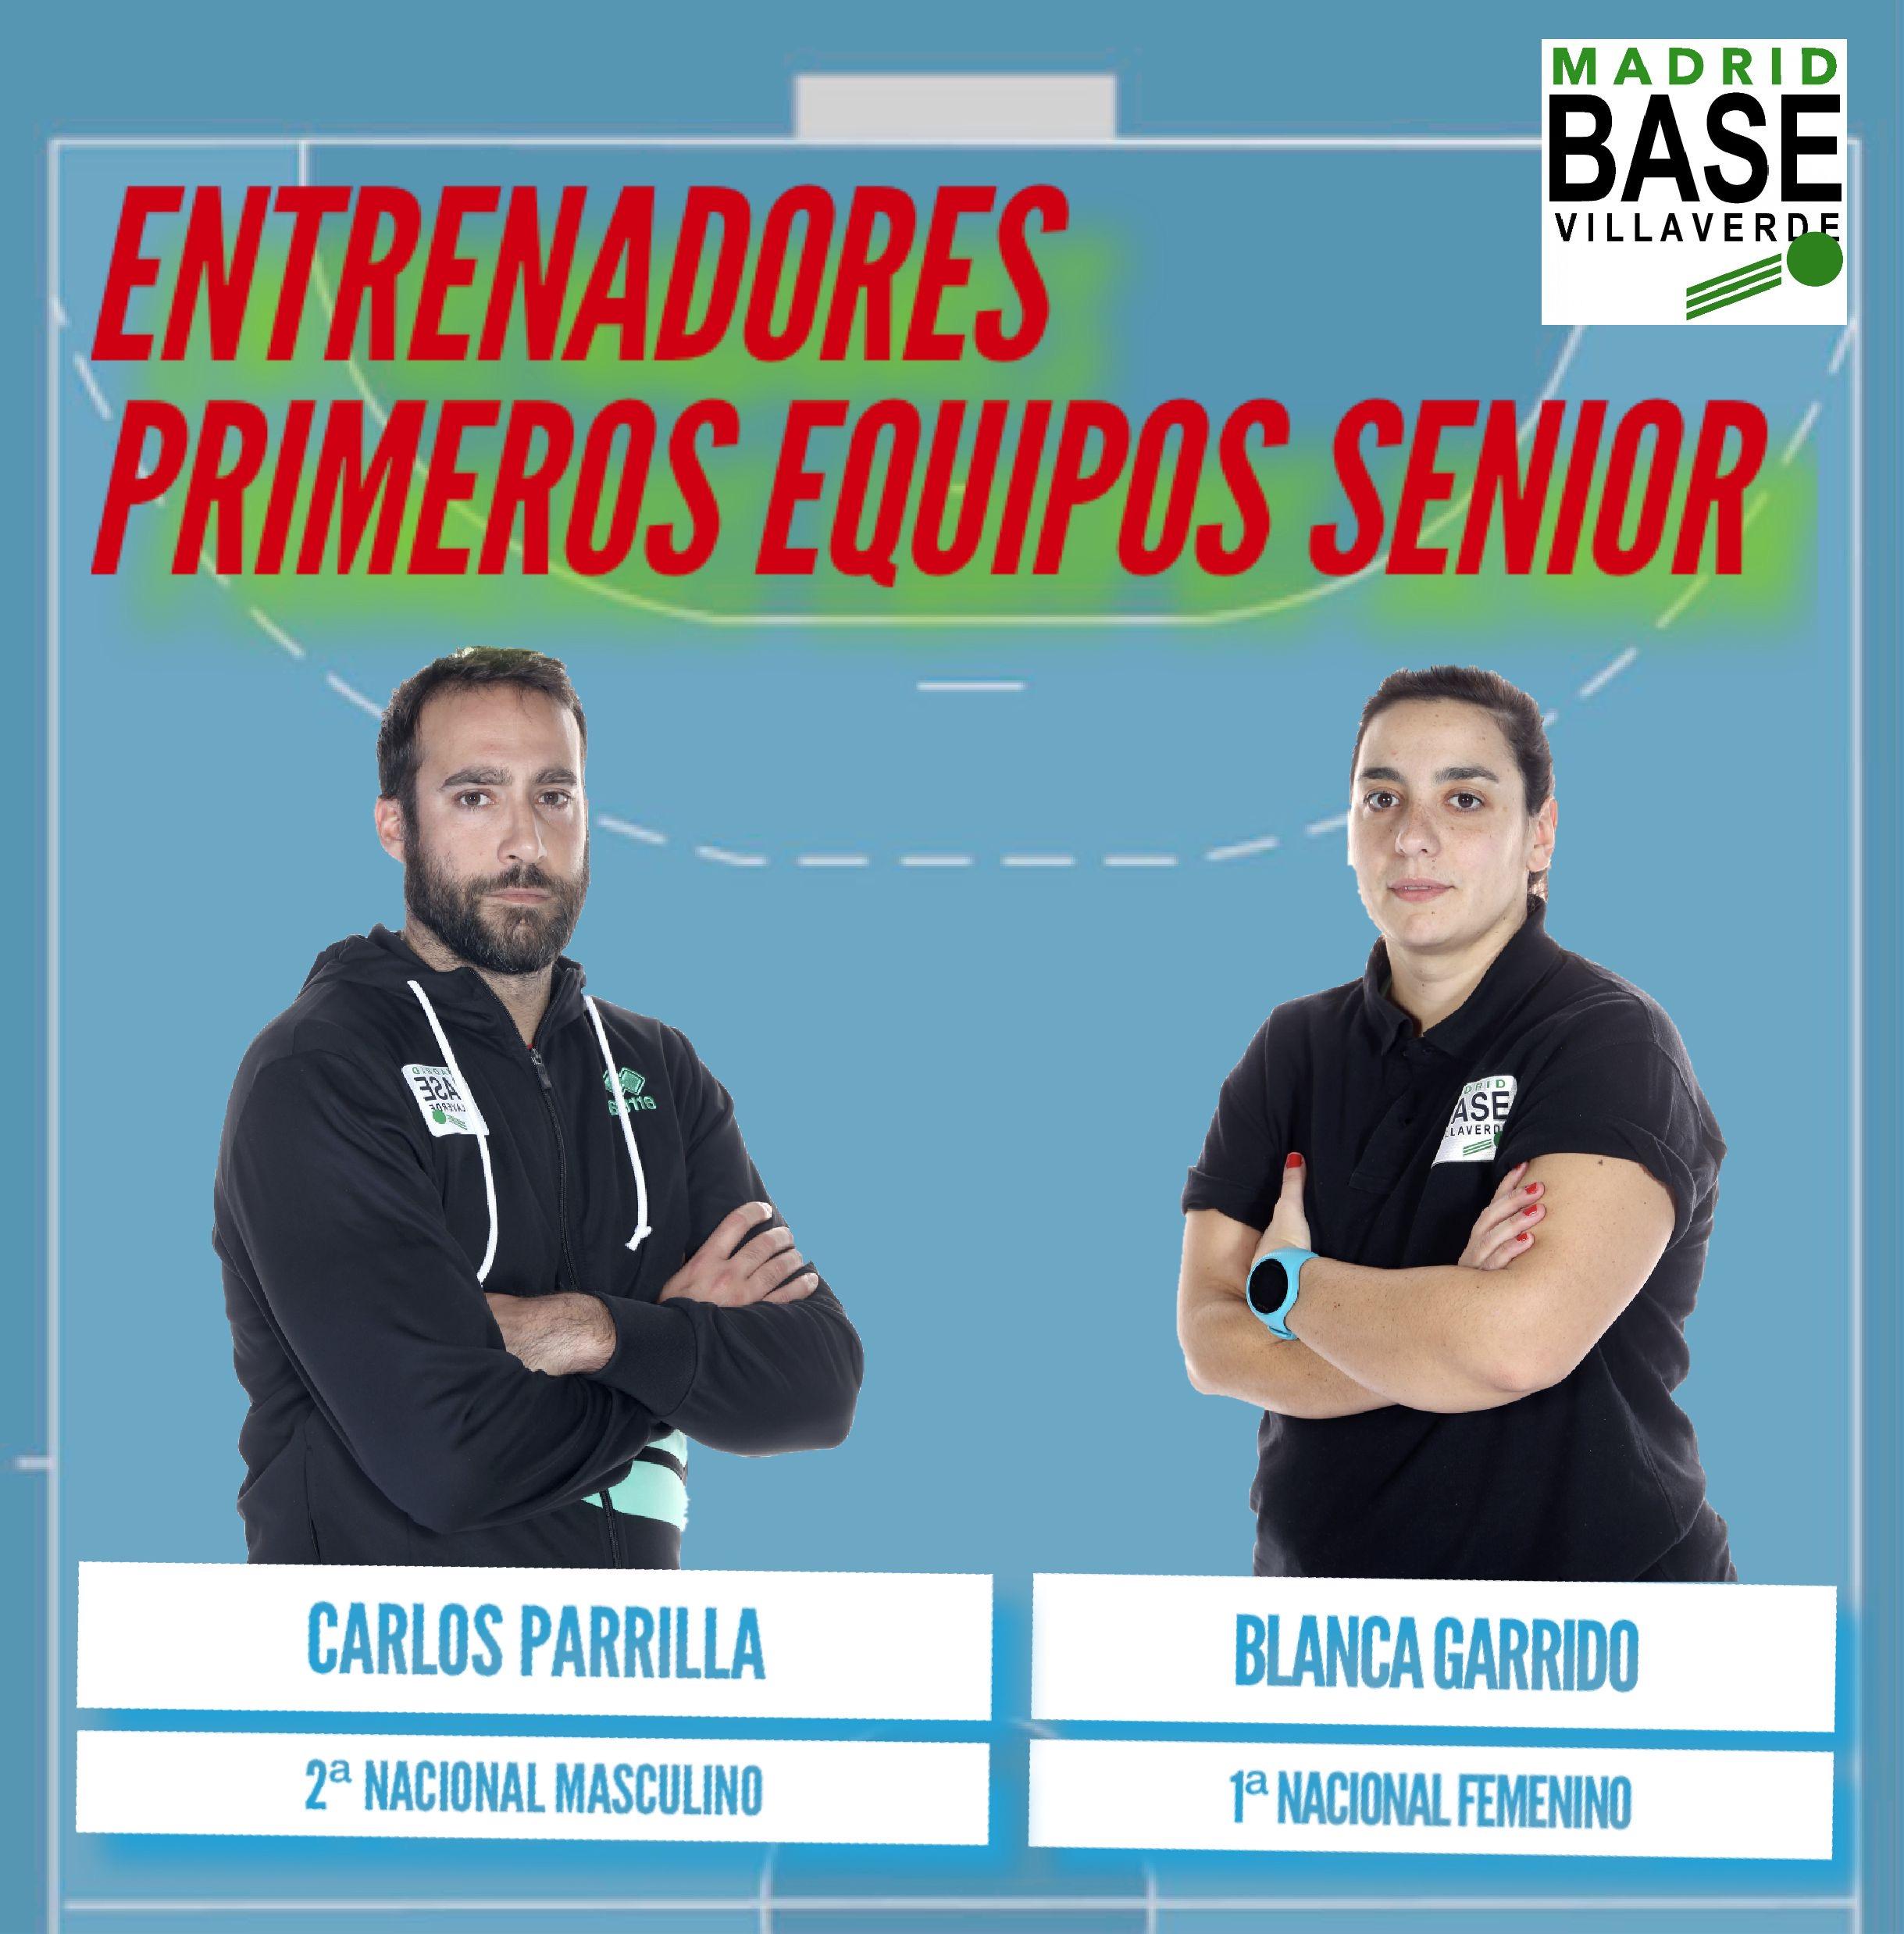 Entrenadores de los primeros equipos senior.